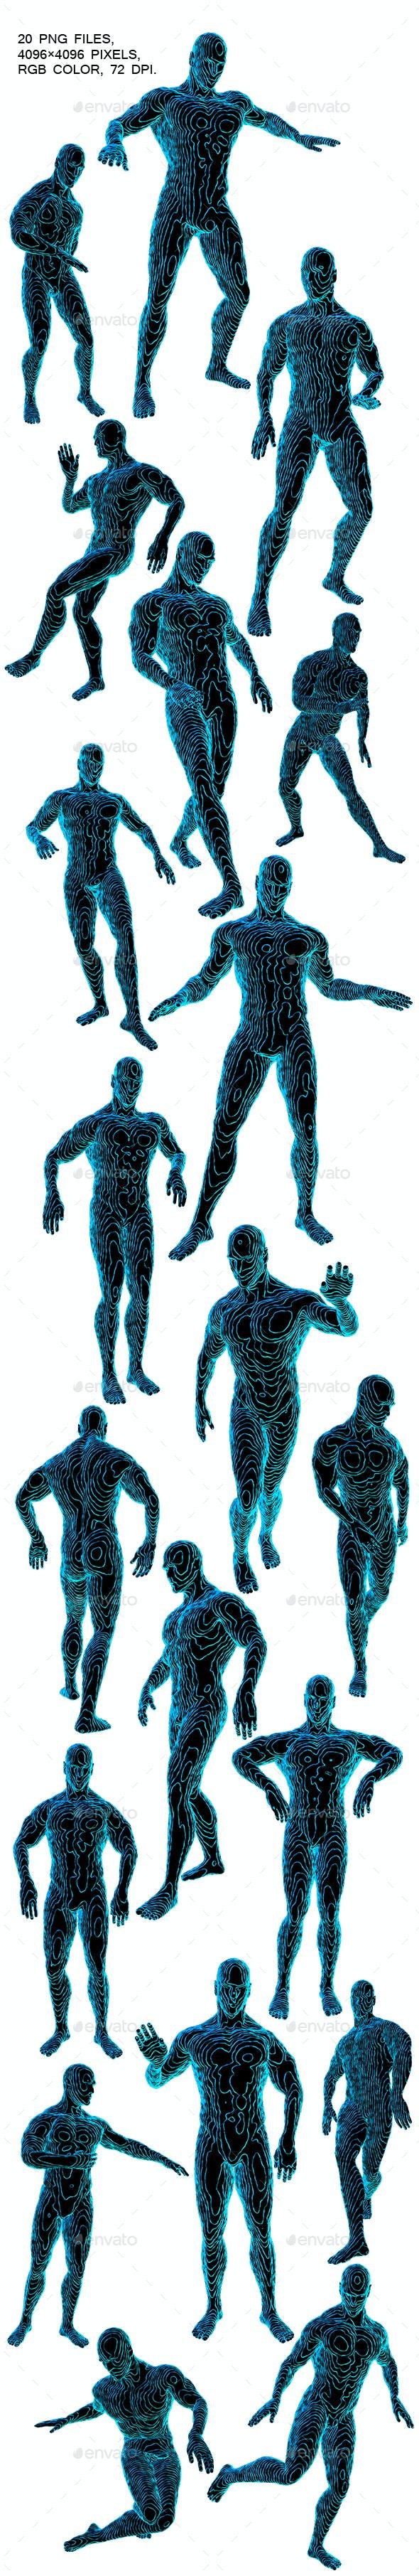 Neon Dancer Contours - Characters 3D Renders